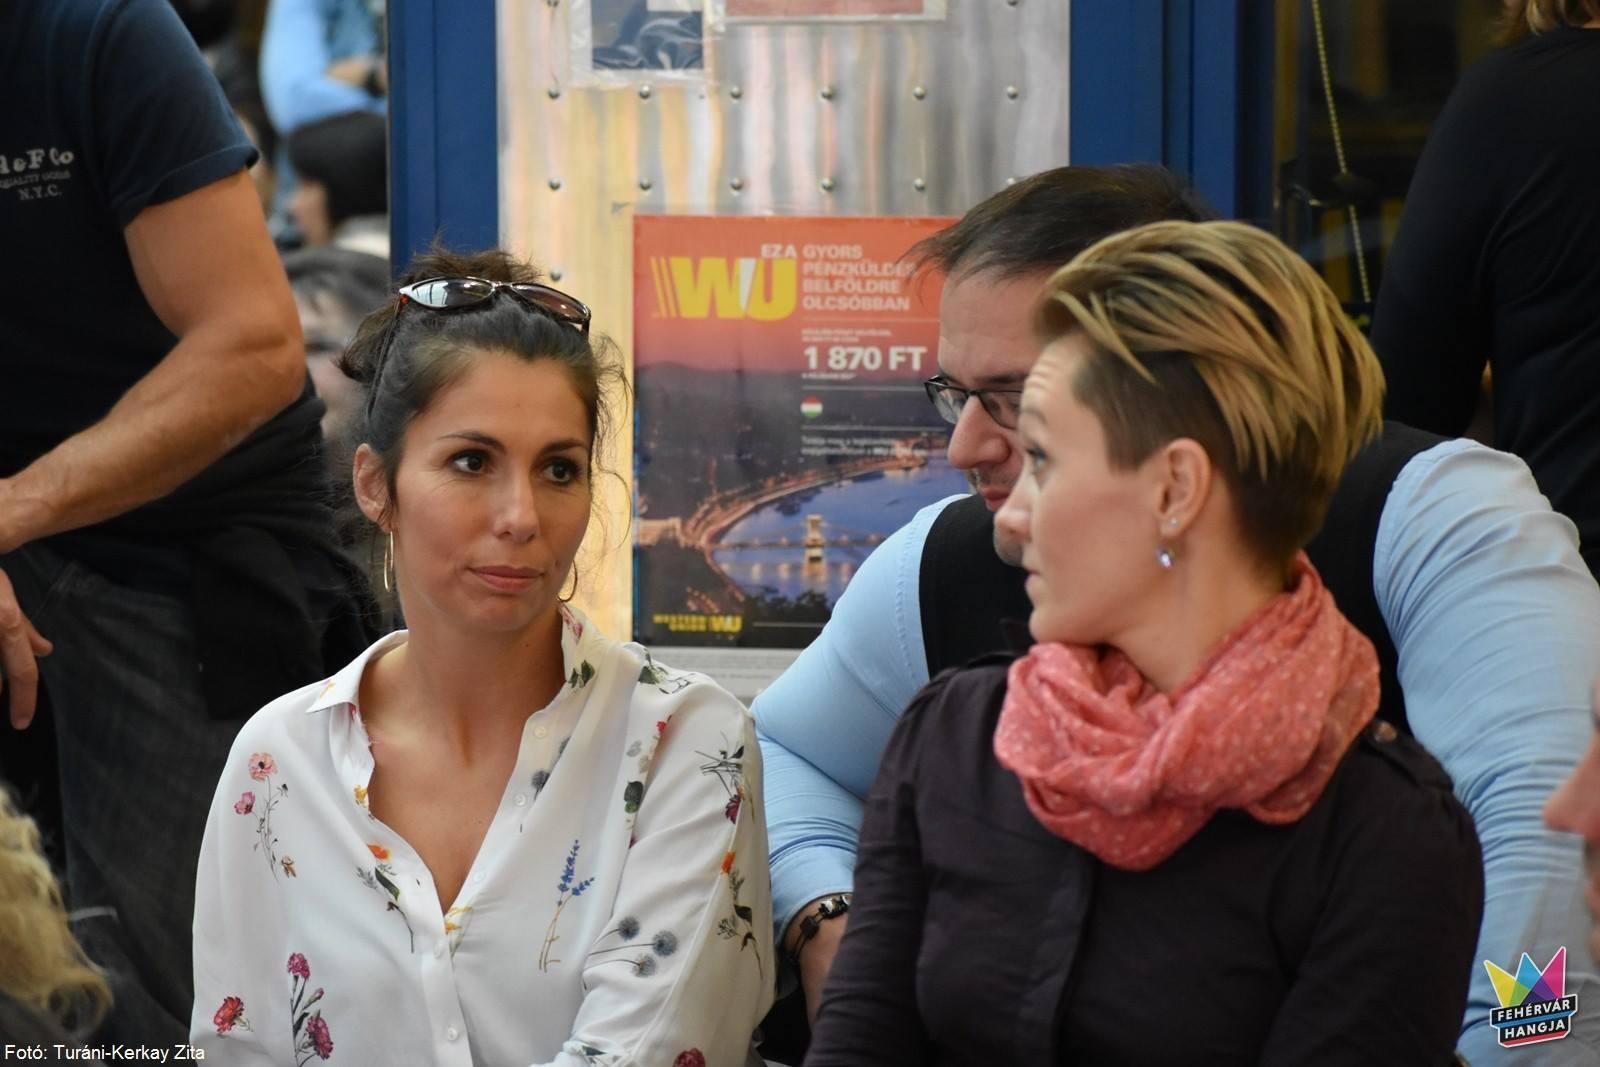 Váradi Eszter Sára a versenyzők színpadi jelenlétével foglalkozik majd